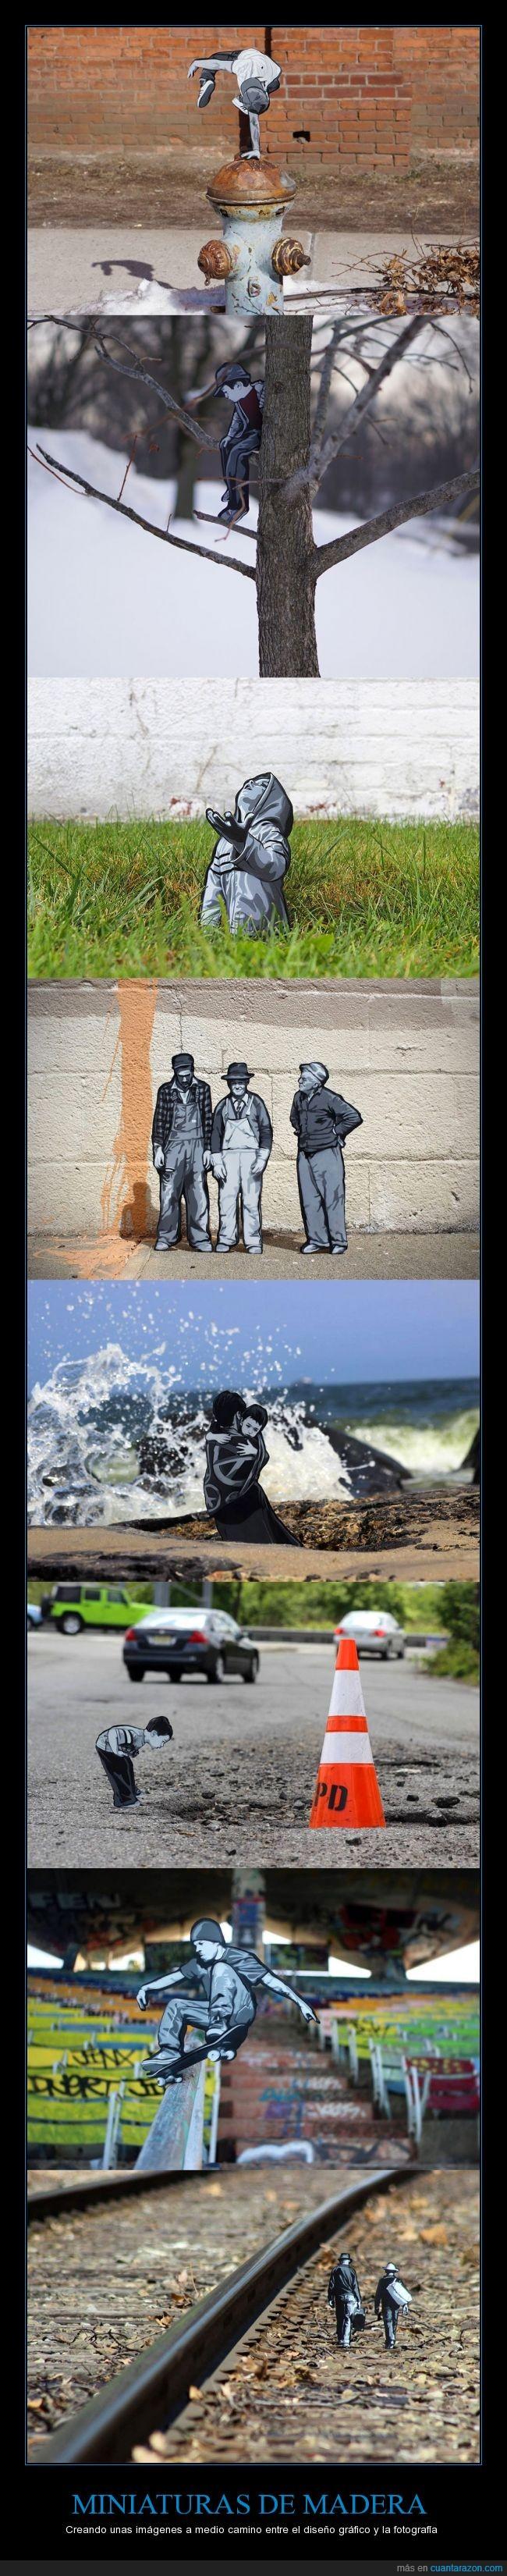 arte,blanco y negro,dibujo,fotografía,gris,ilustracion,Joe Iurato,madera,madre,miniatura,salto,skate,tren